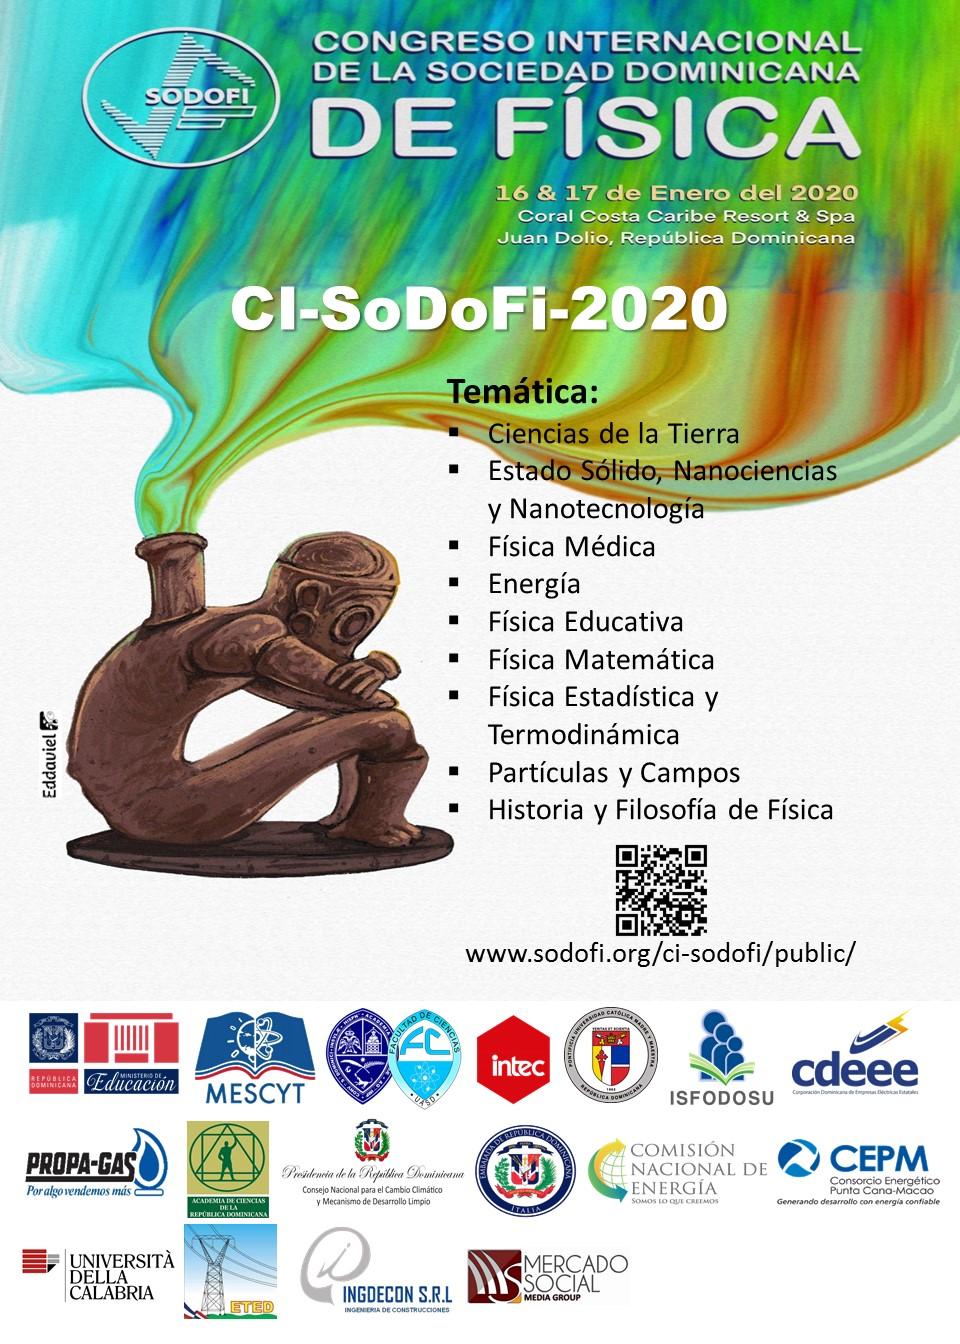 CI-SoDoFi-2020